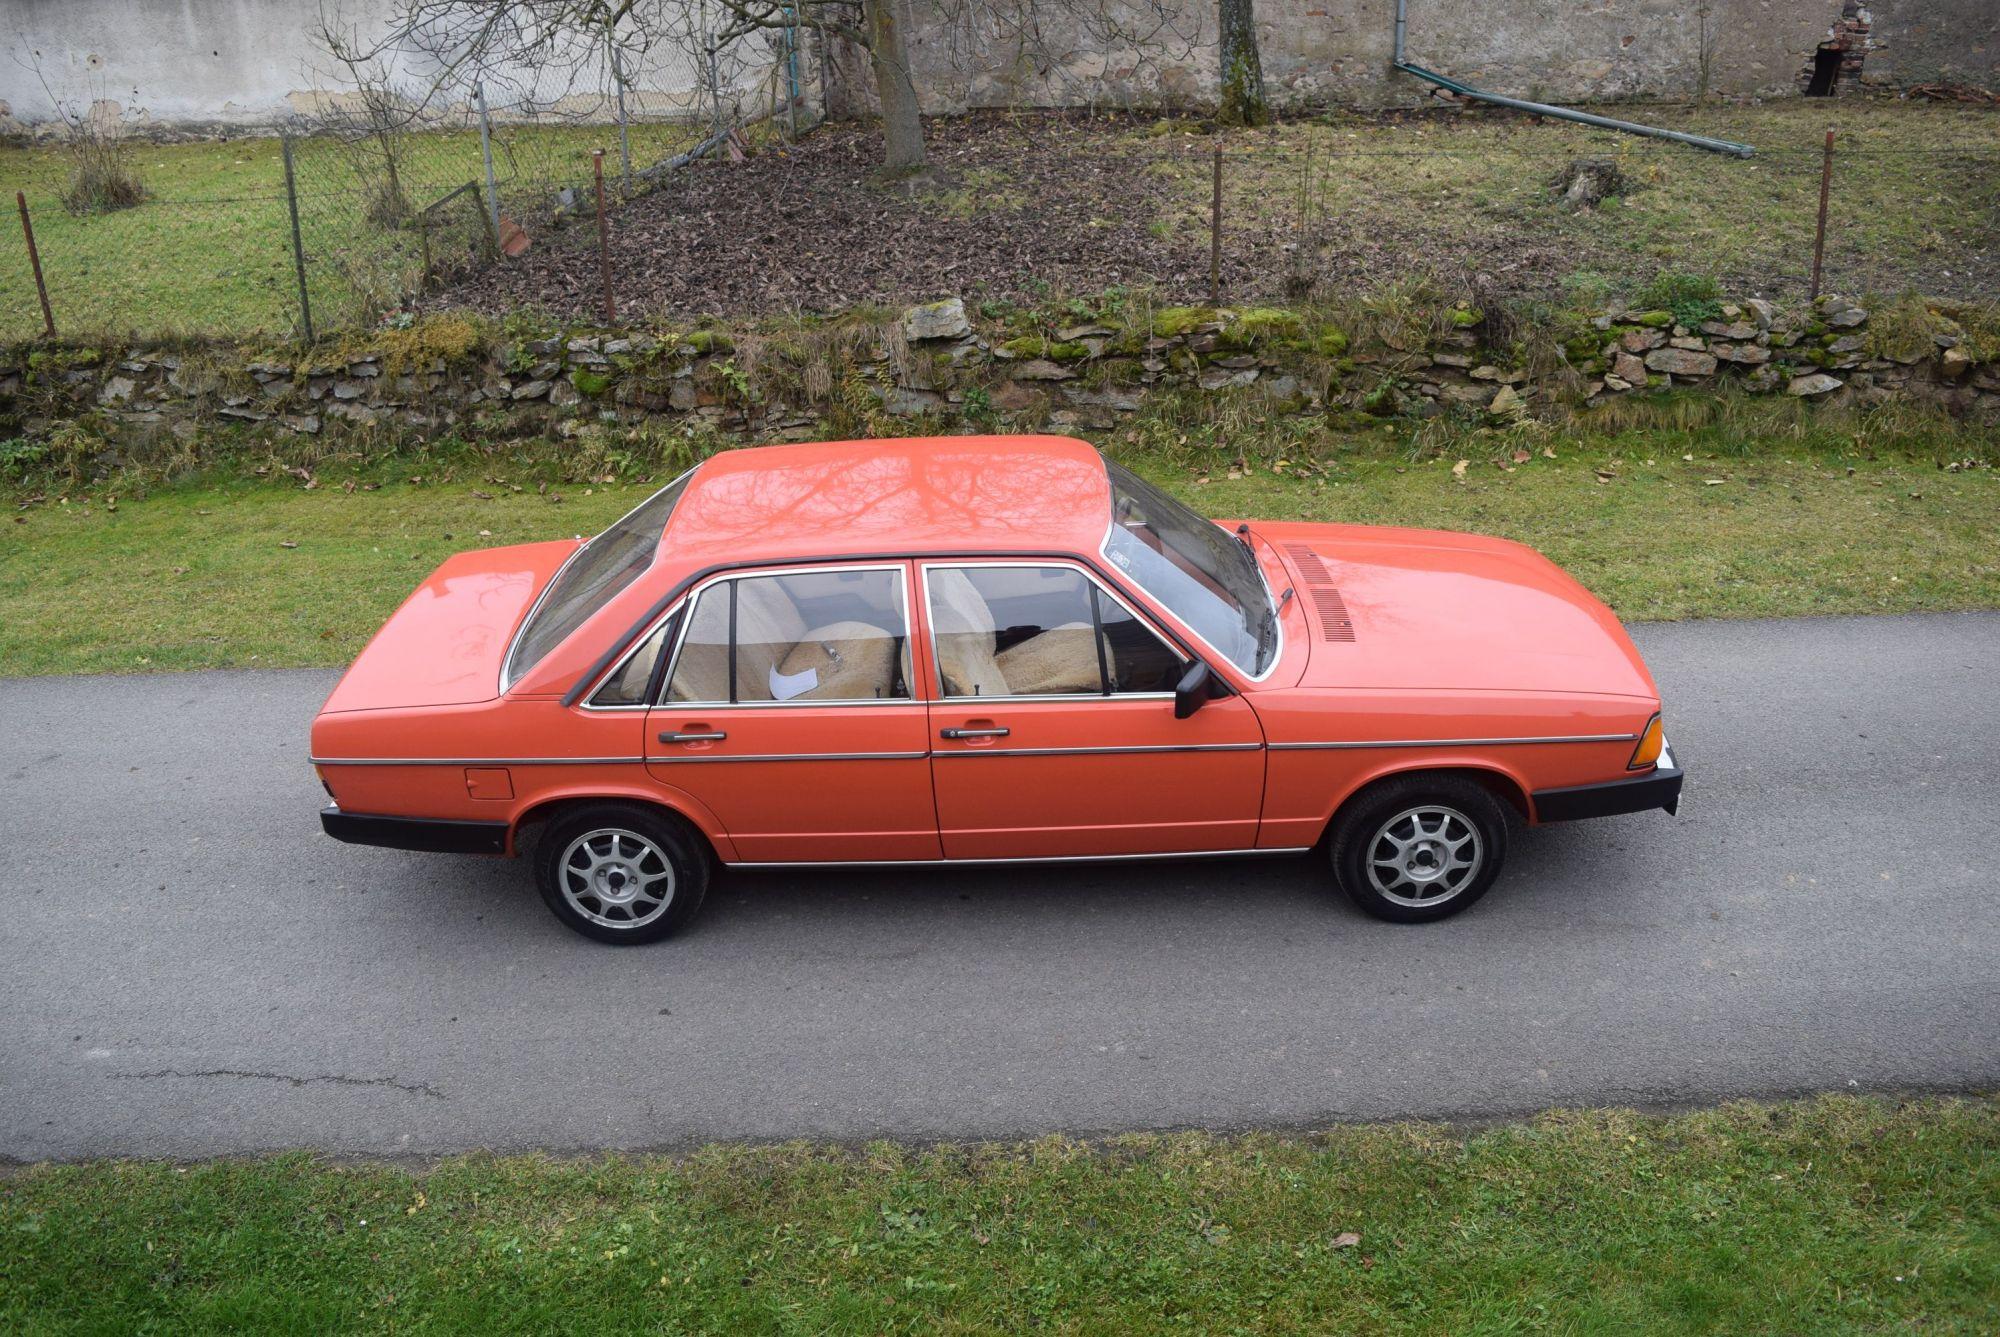 Audi 100 C2 1978 auctomobile com dsc-0006-4